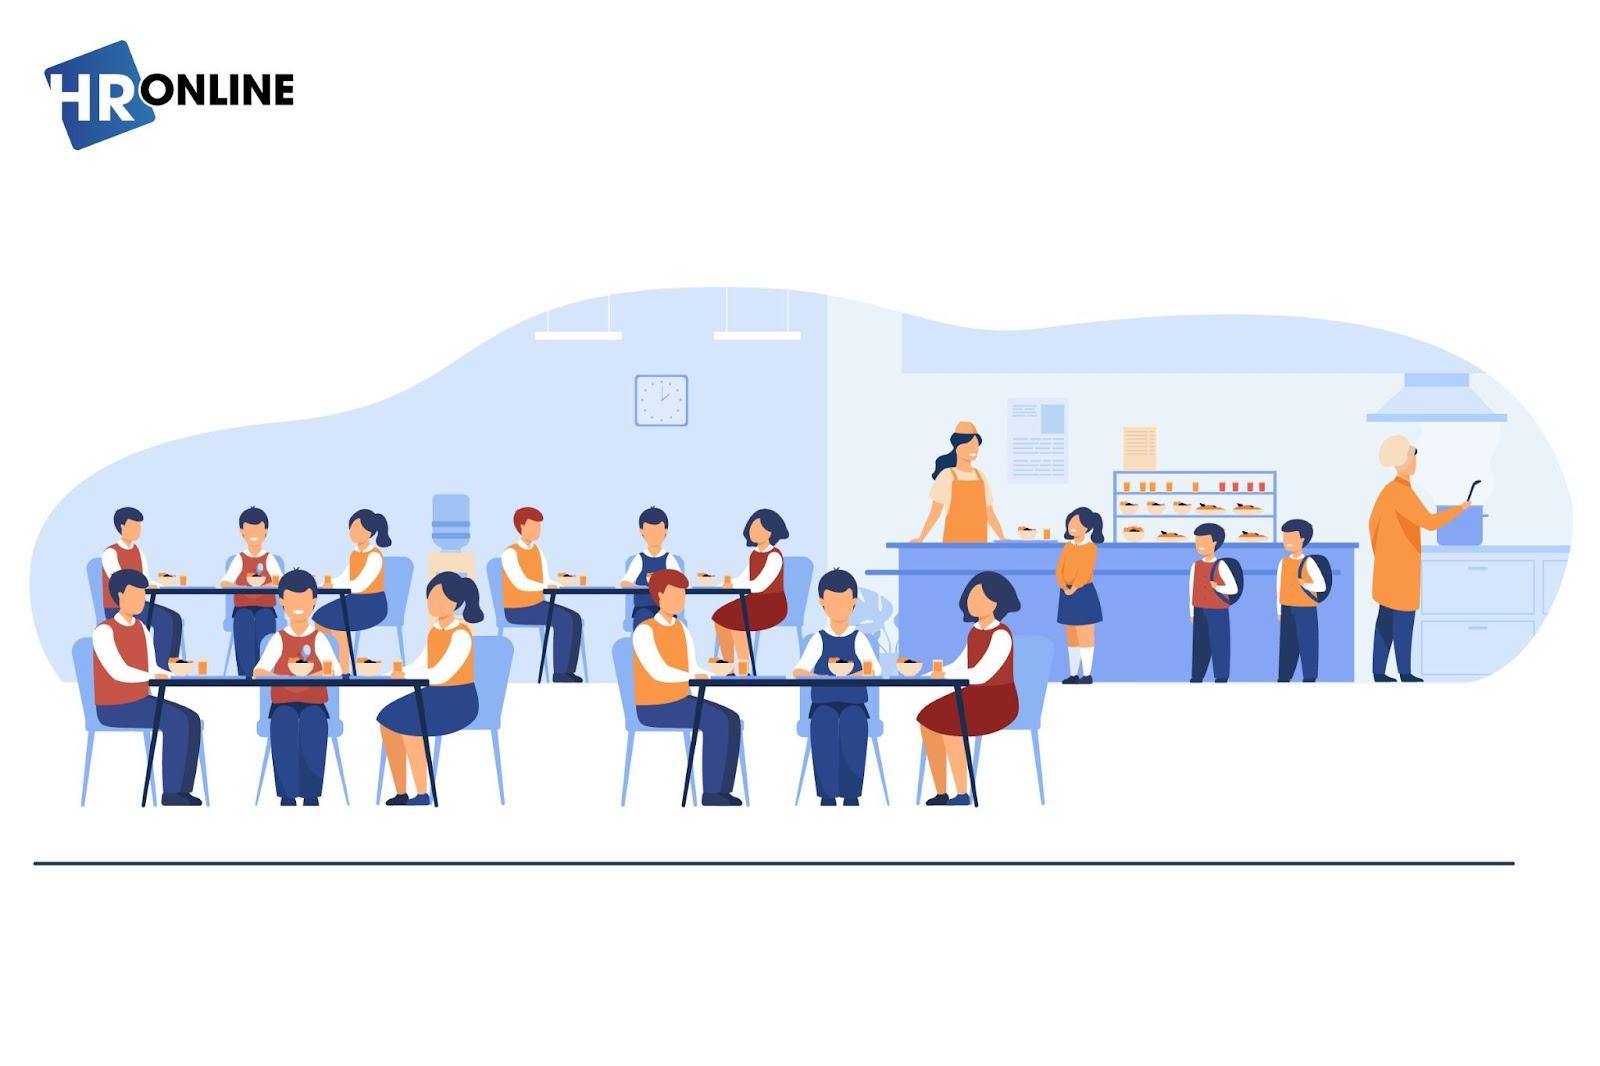 Tại sao ngành F&B lại phải phân ca làm việc cho nhân viên?